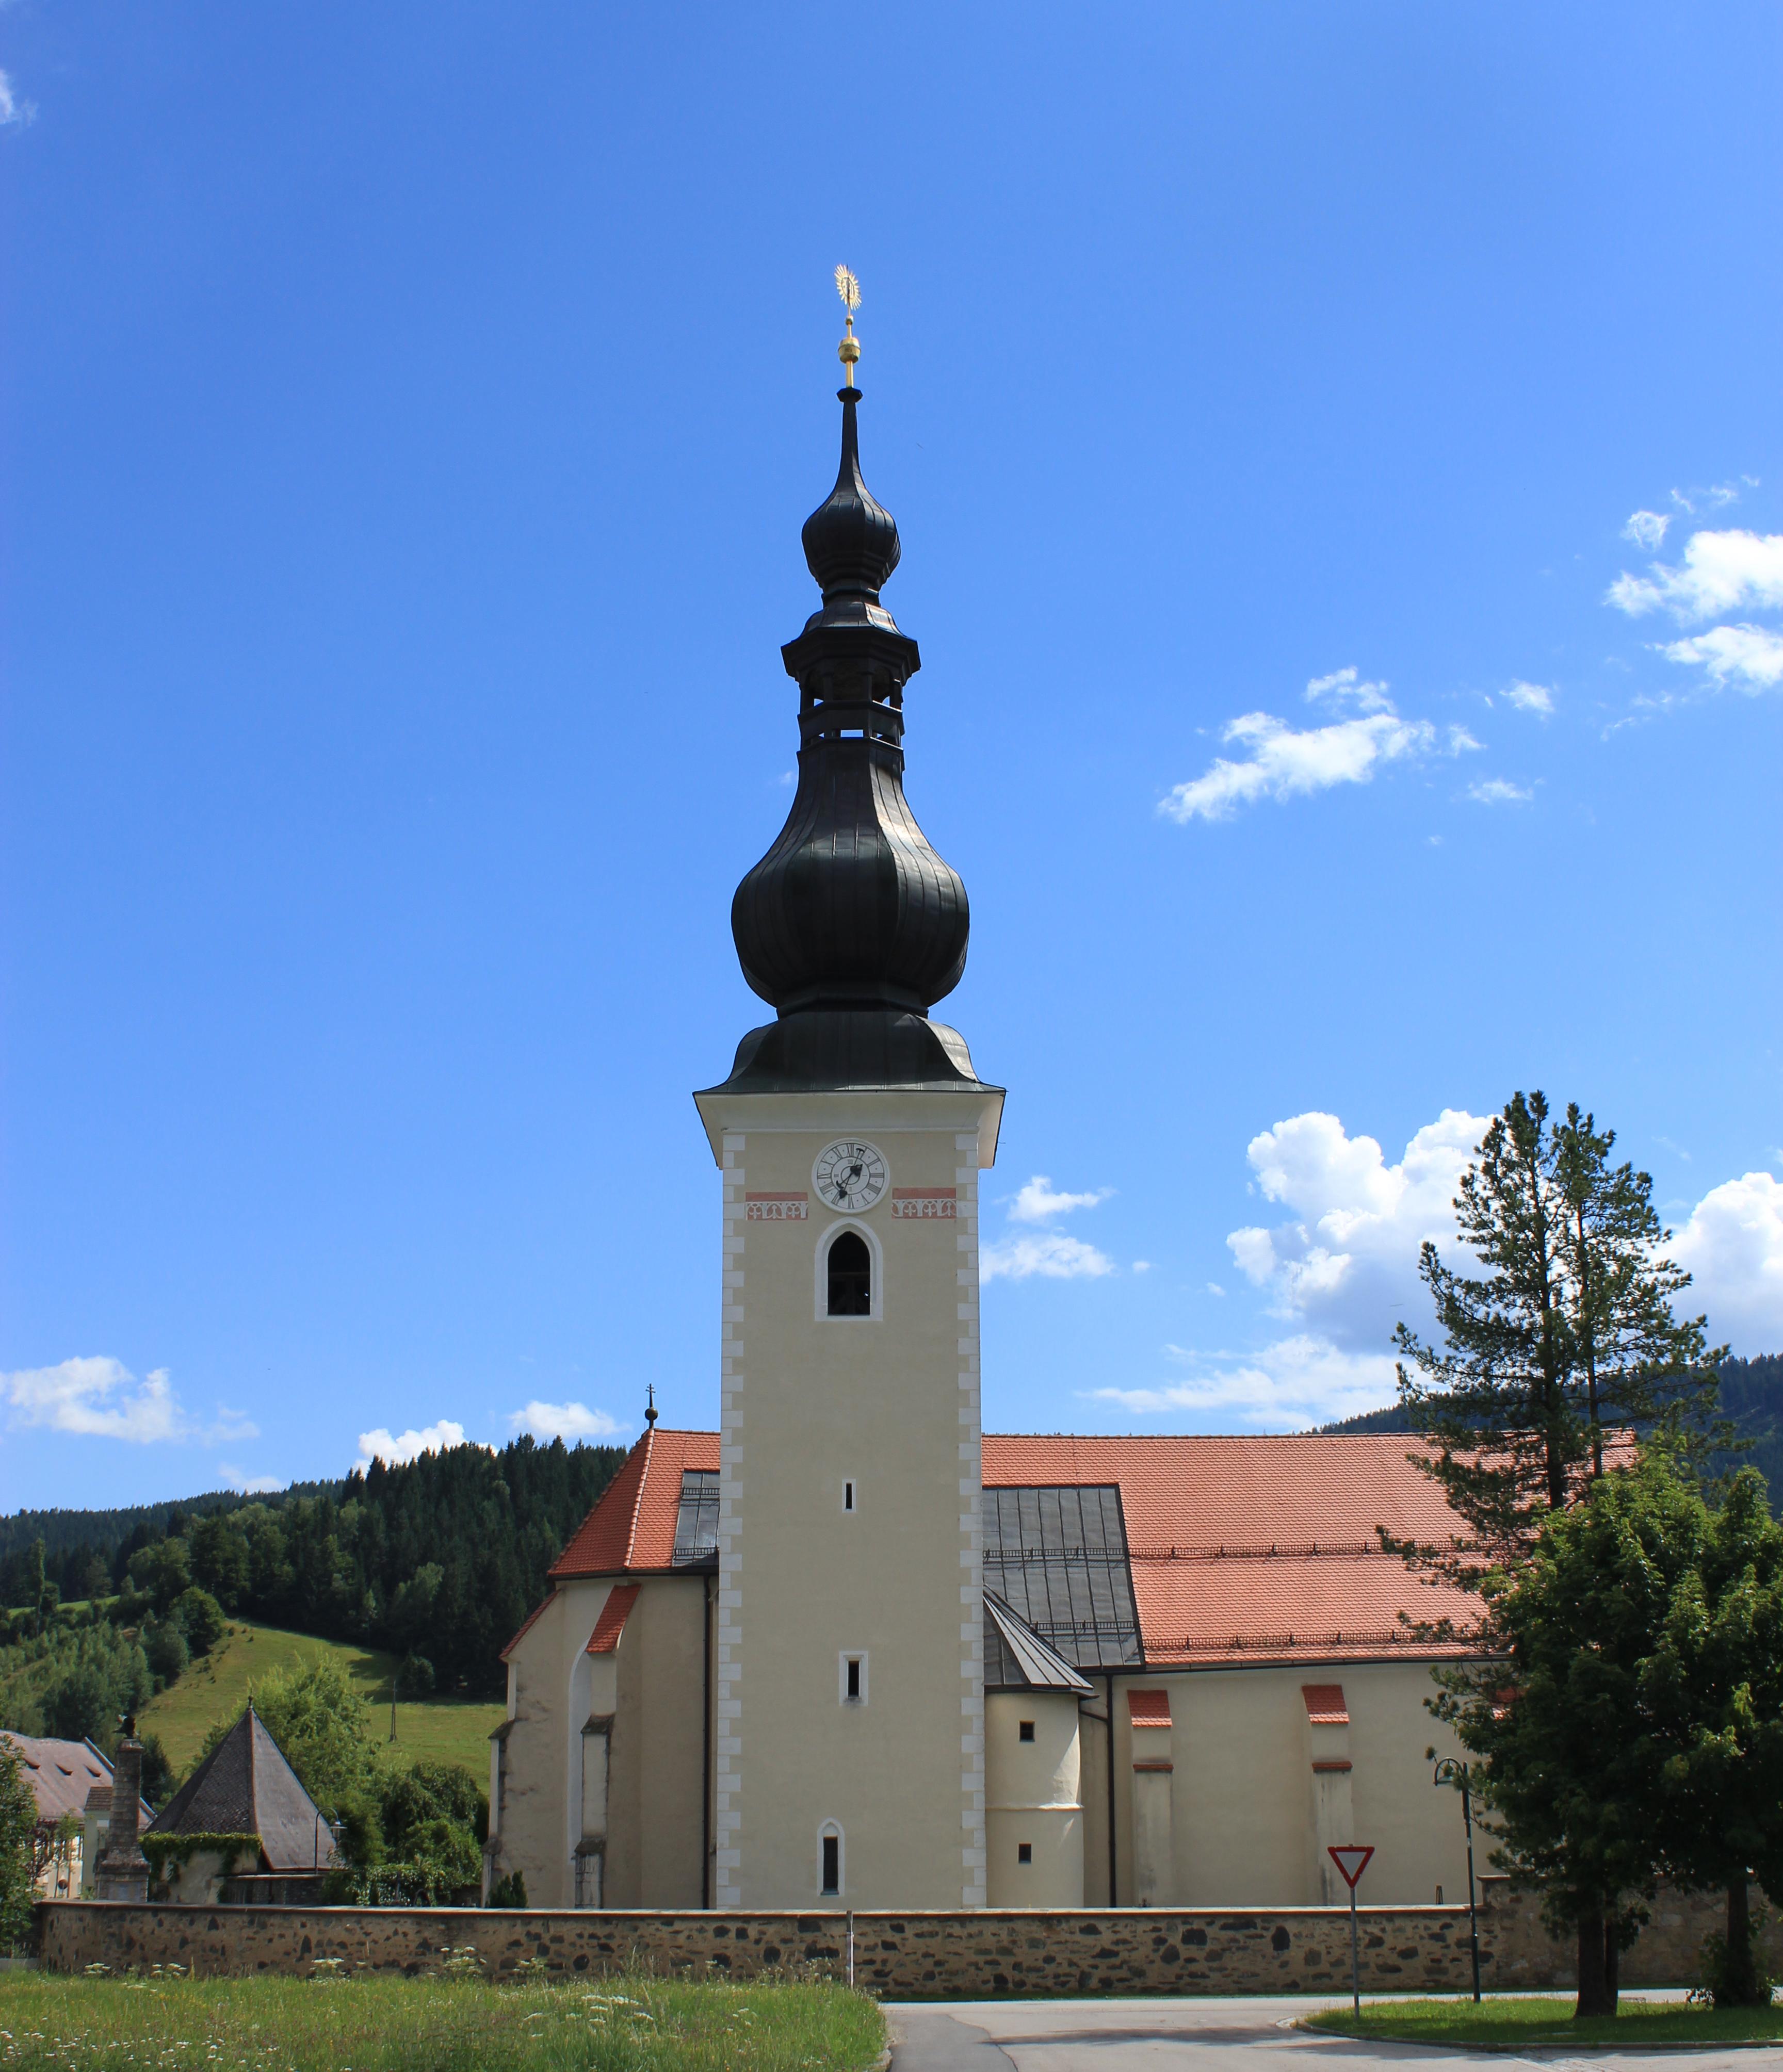 Marktgemeinde Weitensfeld im Gurktal: Gemeinde